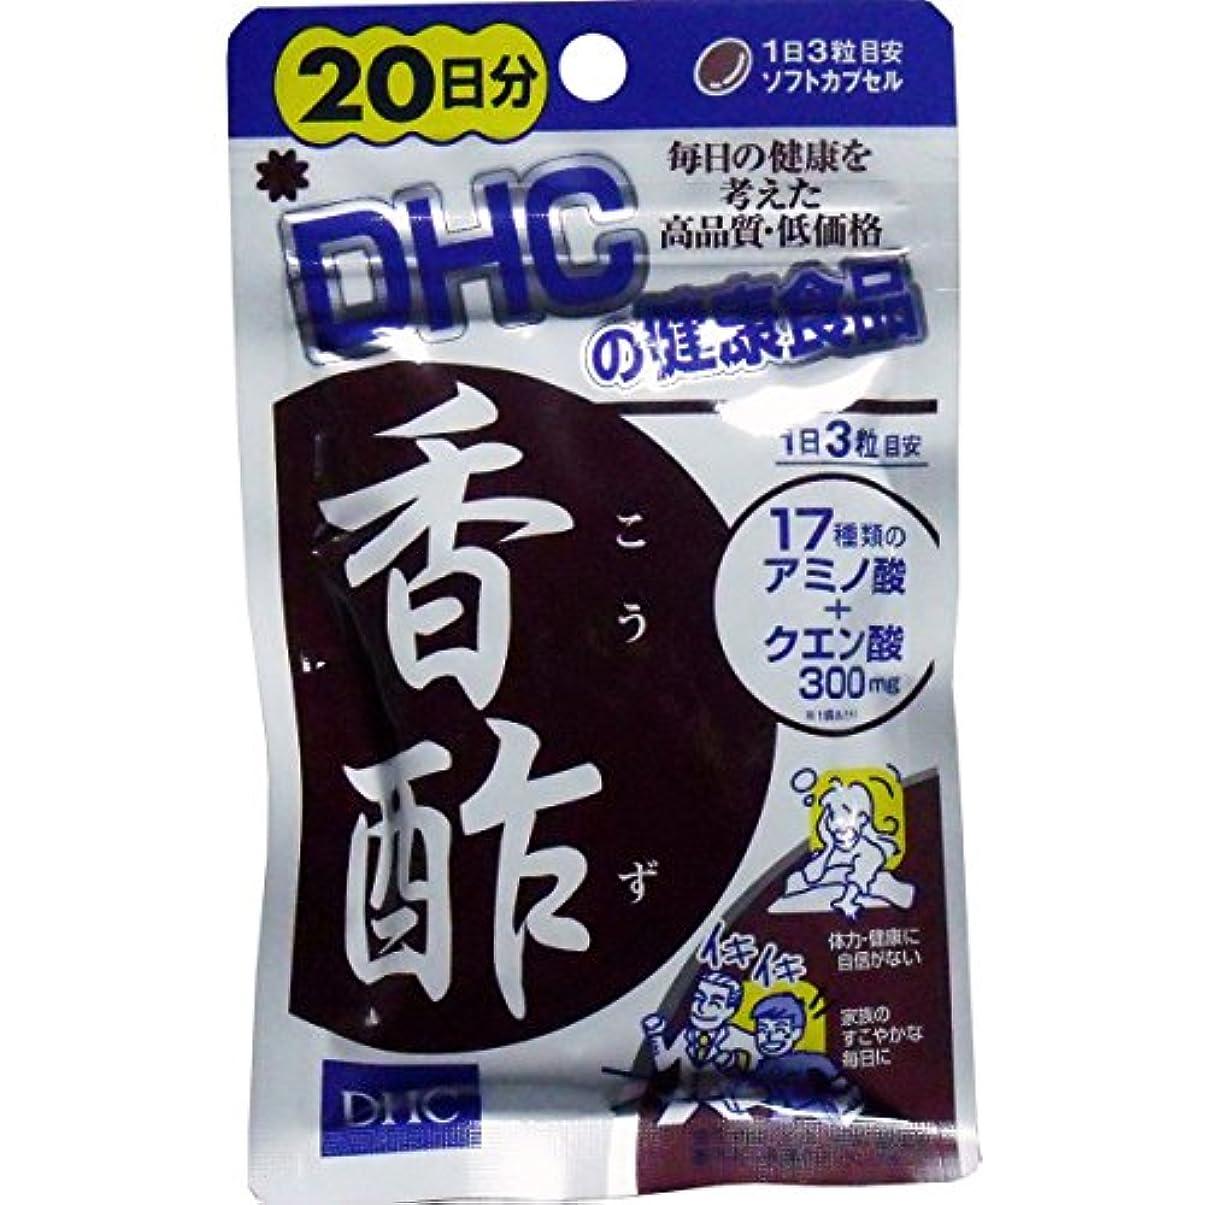 アデレード該当する再集計DHC 香酢 20日分 60粒入「5点セット」